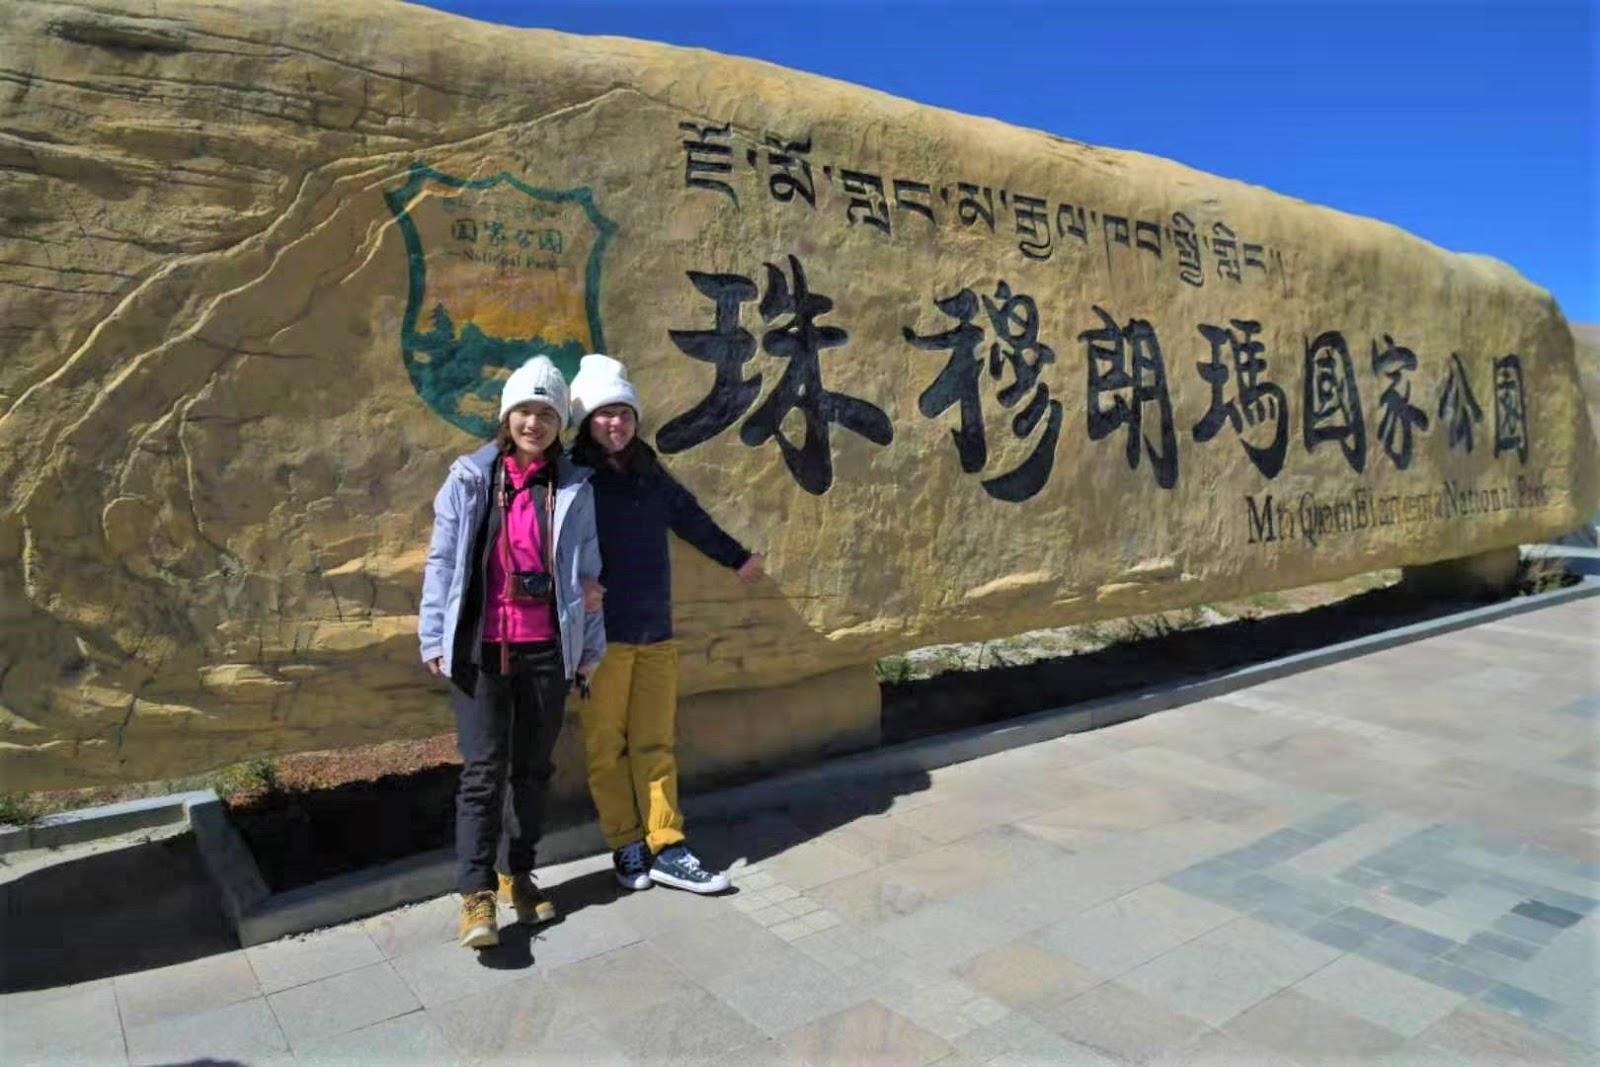 夢迴西藏推薦好評-201910   專業西藏旅遊服務。值得推薦的西藏旅行社-夢迴西藏